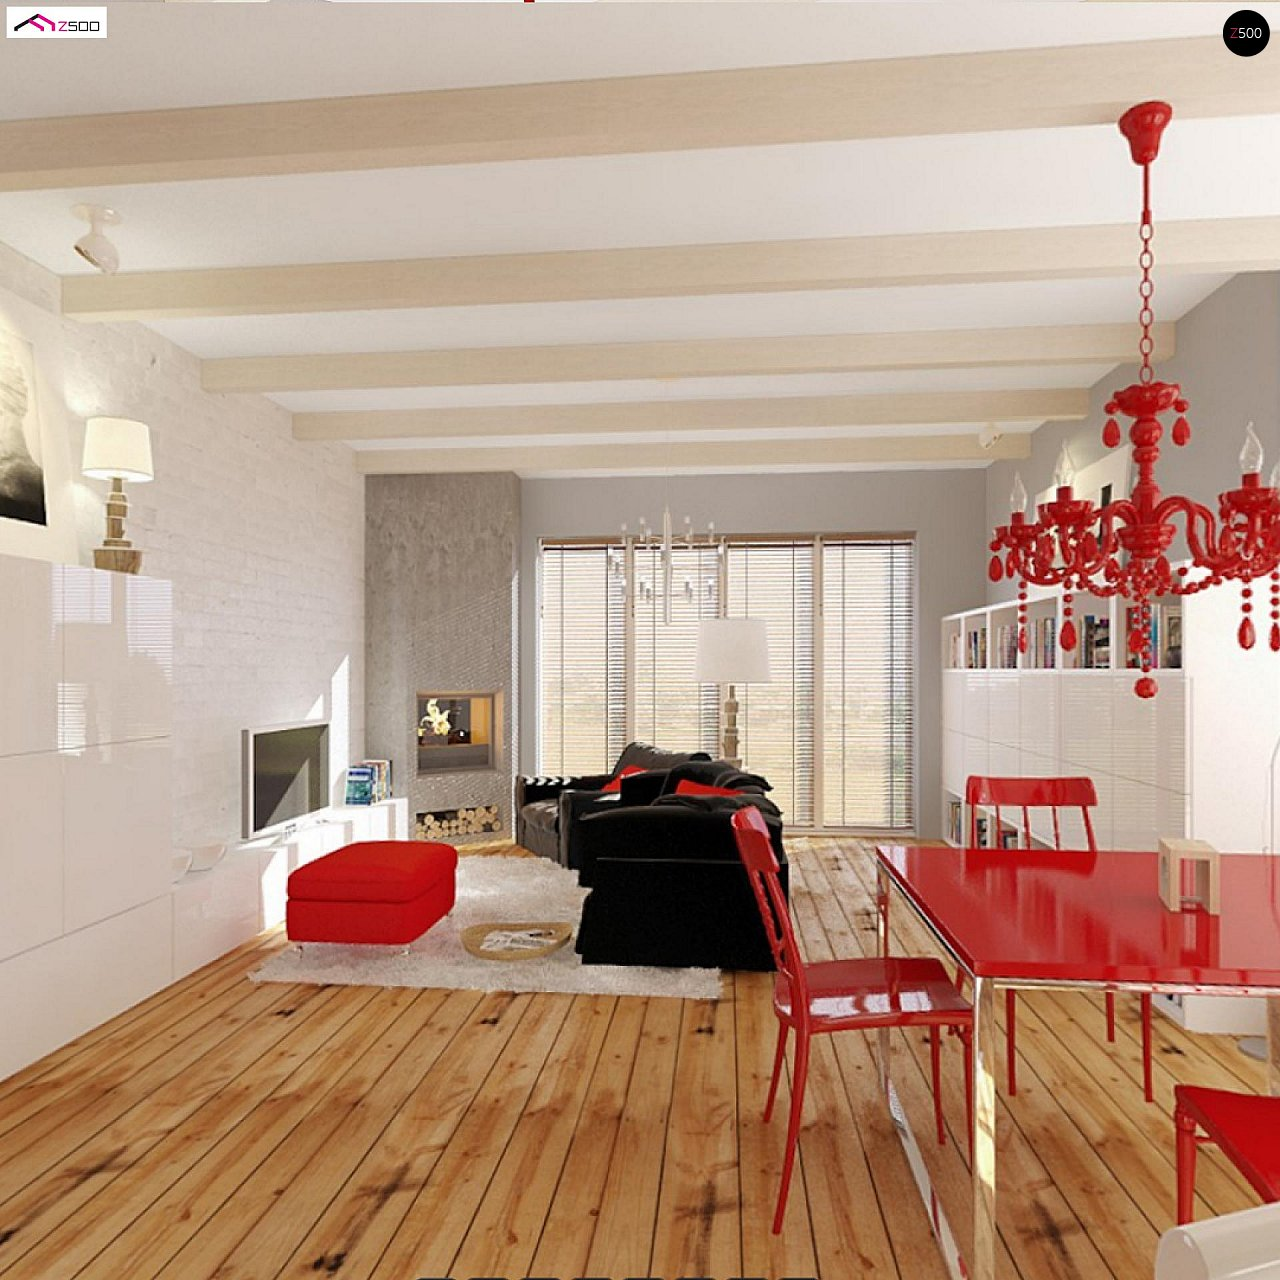 Одноэтажный удобный дом с фронтальным гаражом, с возможностью обустройства мансарды. - фото 7